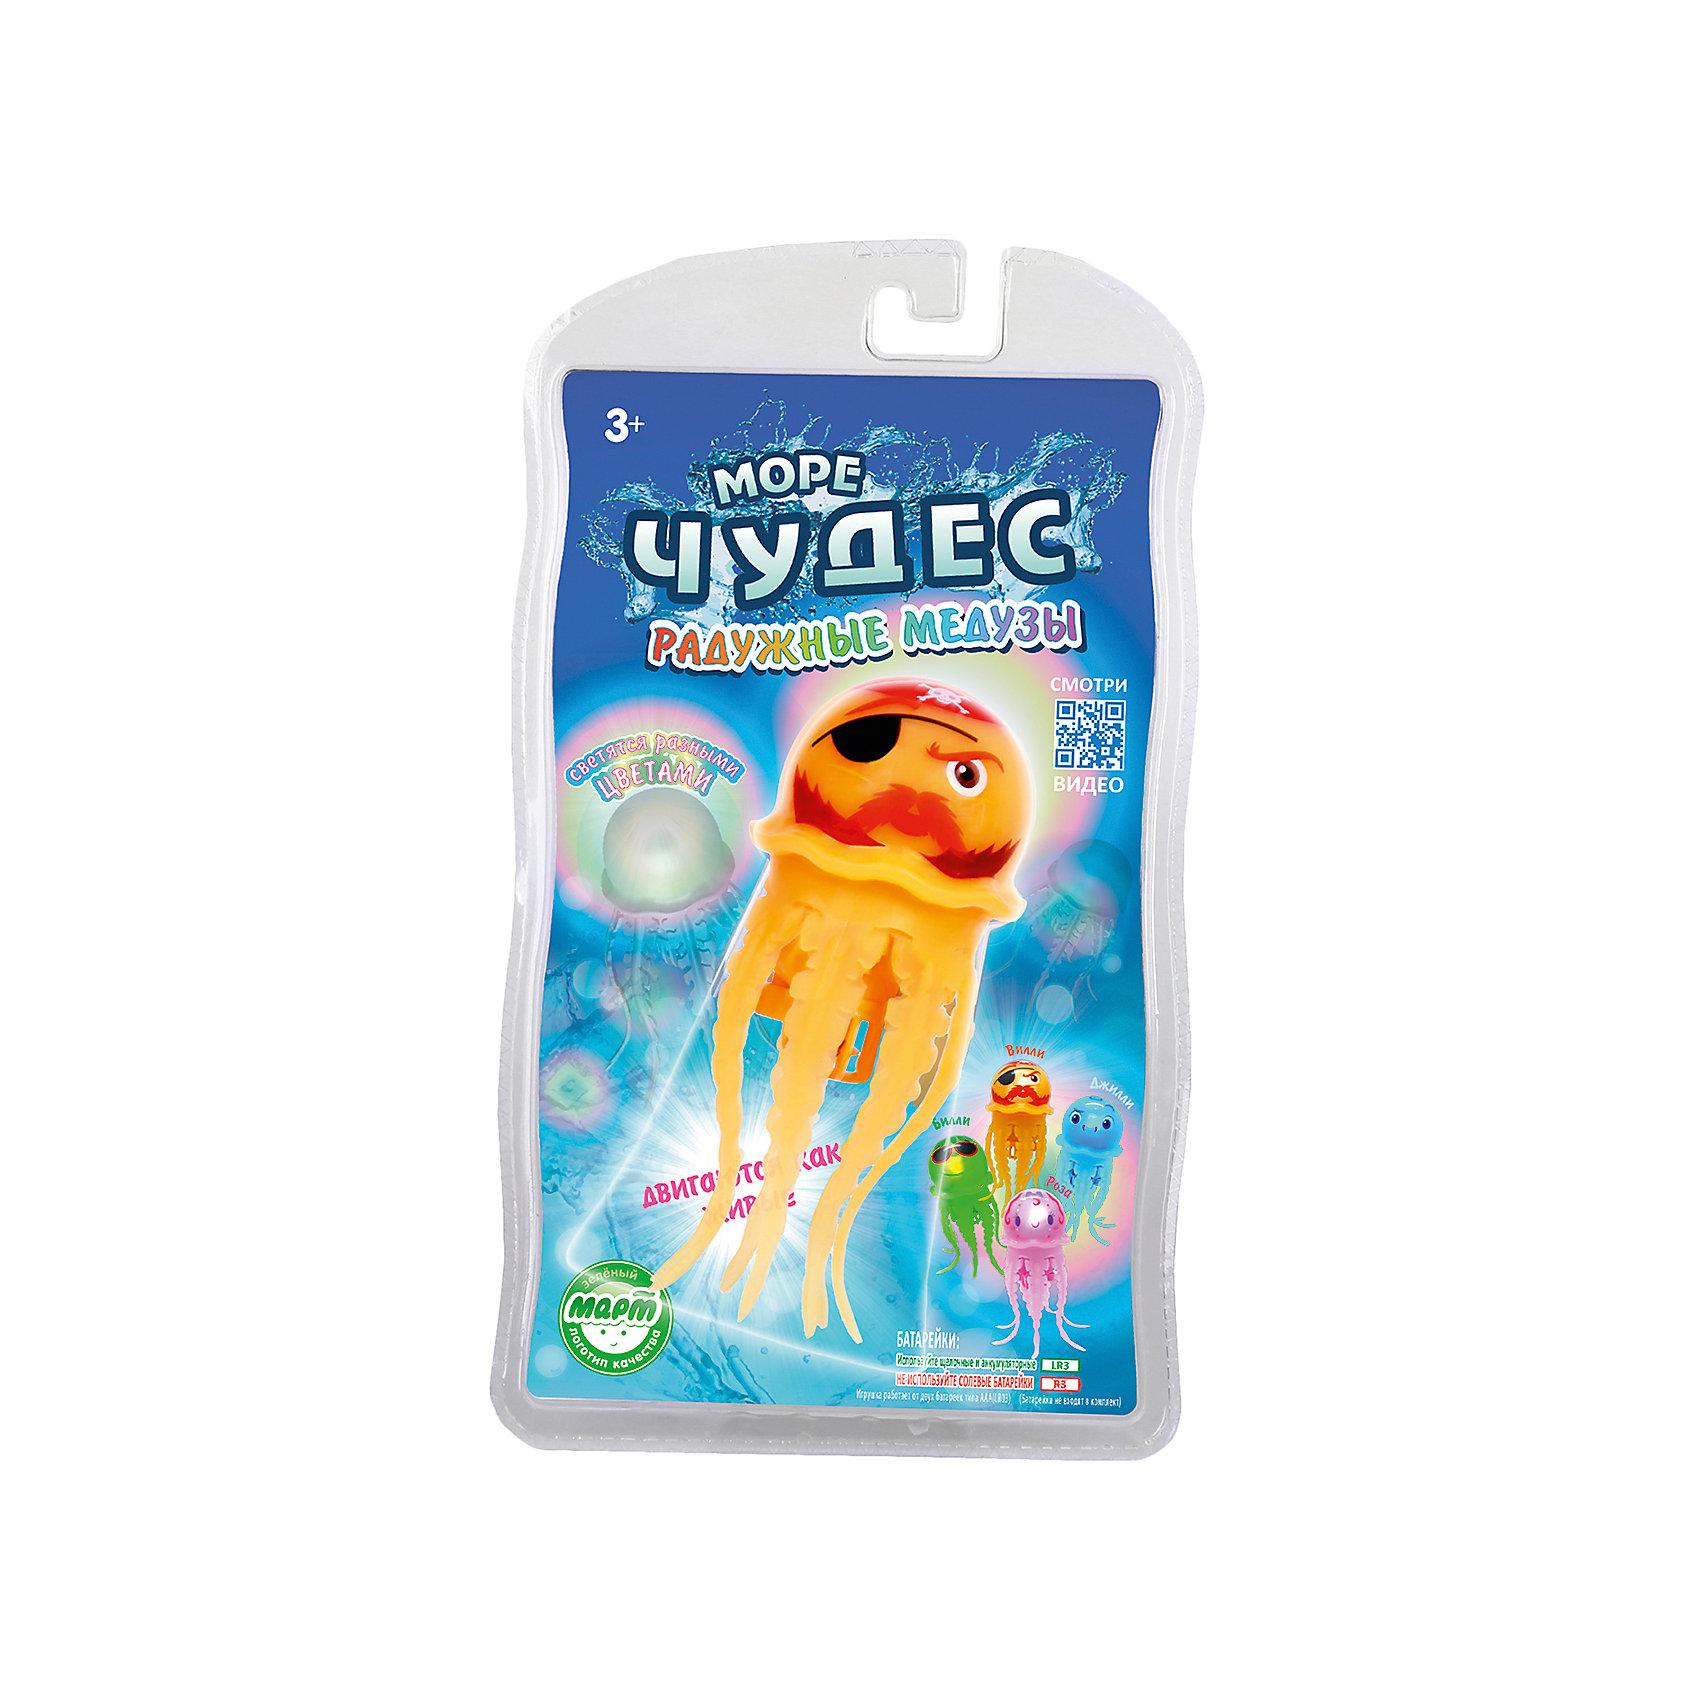 Плавающая радужная медуза Вилли, Море чудесЭта веселая медуза обязательно понравится вашему ребенку! За счет моторчика, встроенного в туловище, медуза опускается на дно и поднимается к поверхности, шевеля щупальцами и повторяя движения настоящего животного, светится, изменяя цвет. Игрушка не требует специального ухода, выполнена из высококачественных материалов, безопасна для детей. Медуза прослужит еще дольше, если после игры вынимать ее из воды. <br><br>Дополнительная информация:<br><br>- Материал: пластик, силикон.<br>- Размер медузы: 12 см. <br>- Элемент питания: 2 батарейки ААА (не входят в комплект).<br>- Светится.<br>- Цвет: оранжевый. <br><br>Радужную медузу Вилли, Море чудес можно купить в нашем магазине.<br><br>Ширина мм: 140<br>Глубина мм: 60<br>Высота мм: 240<br>Вес г: 103<br>Возраст от месяцев: 36<br>Возраст до месяцев: 72<br>Пол: Унисекс<br>Возраст: Детский<br>SKU: 3970427